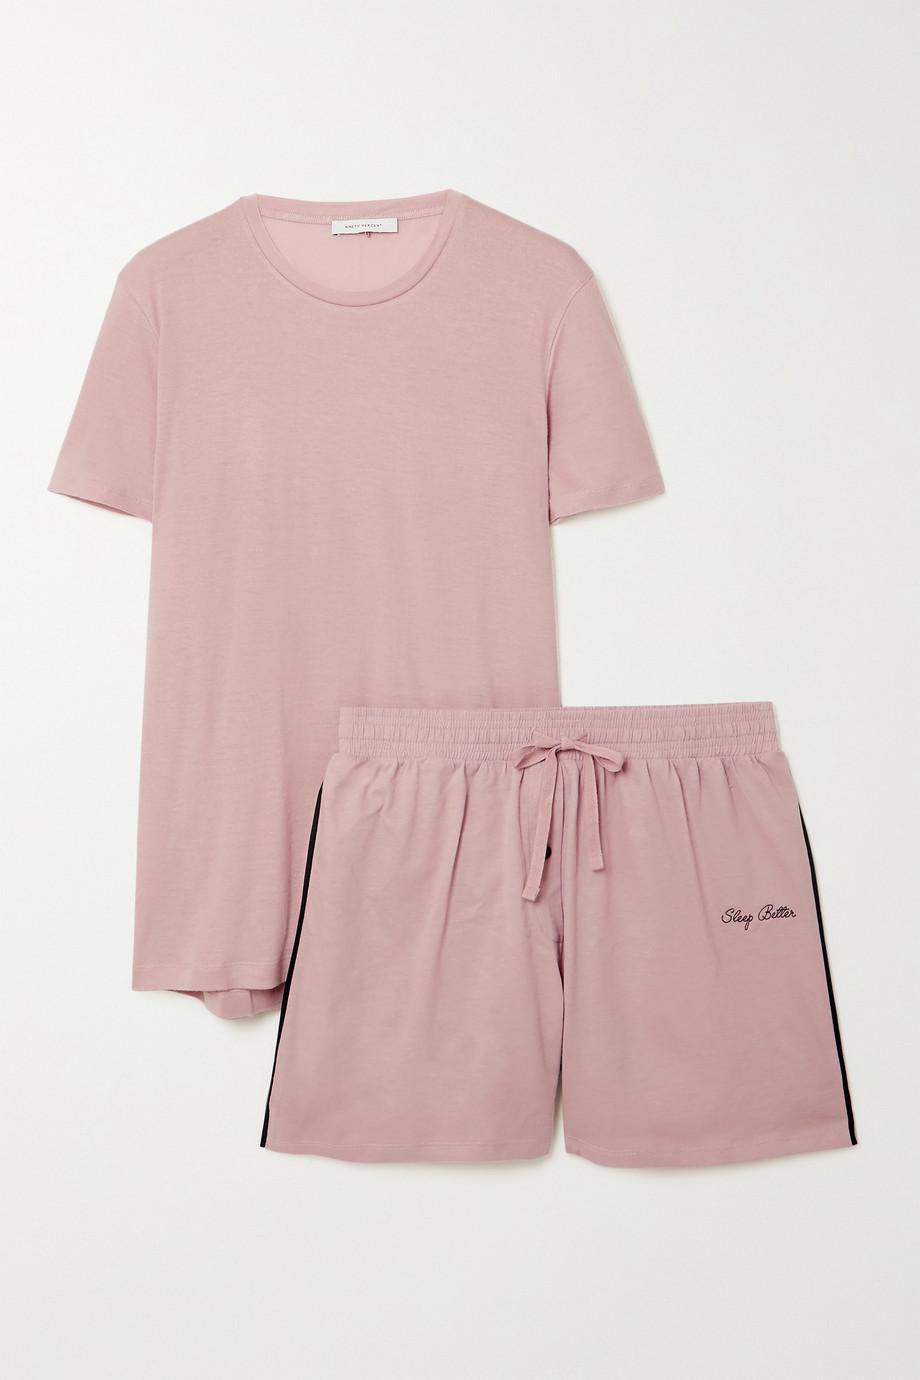 Ninety Percent + NET SUSTAIN brushed-TENCEL pajama set